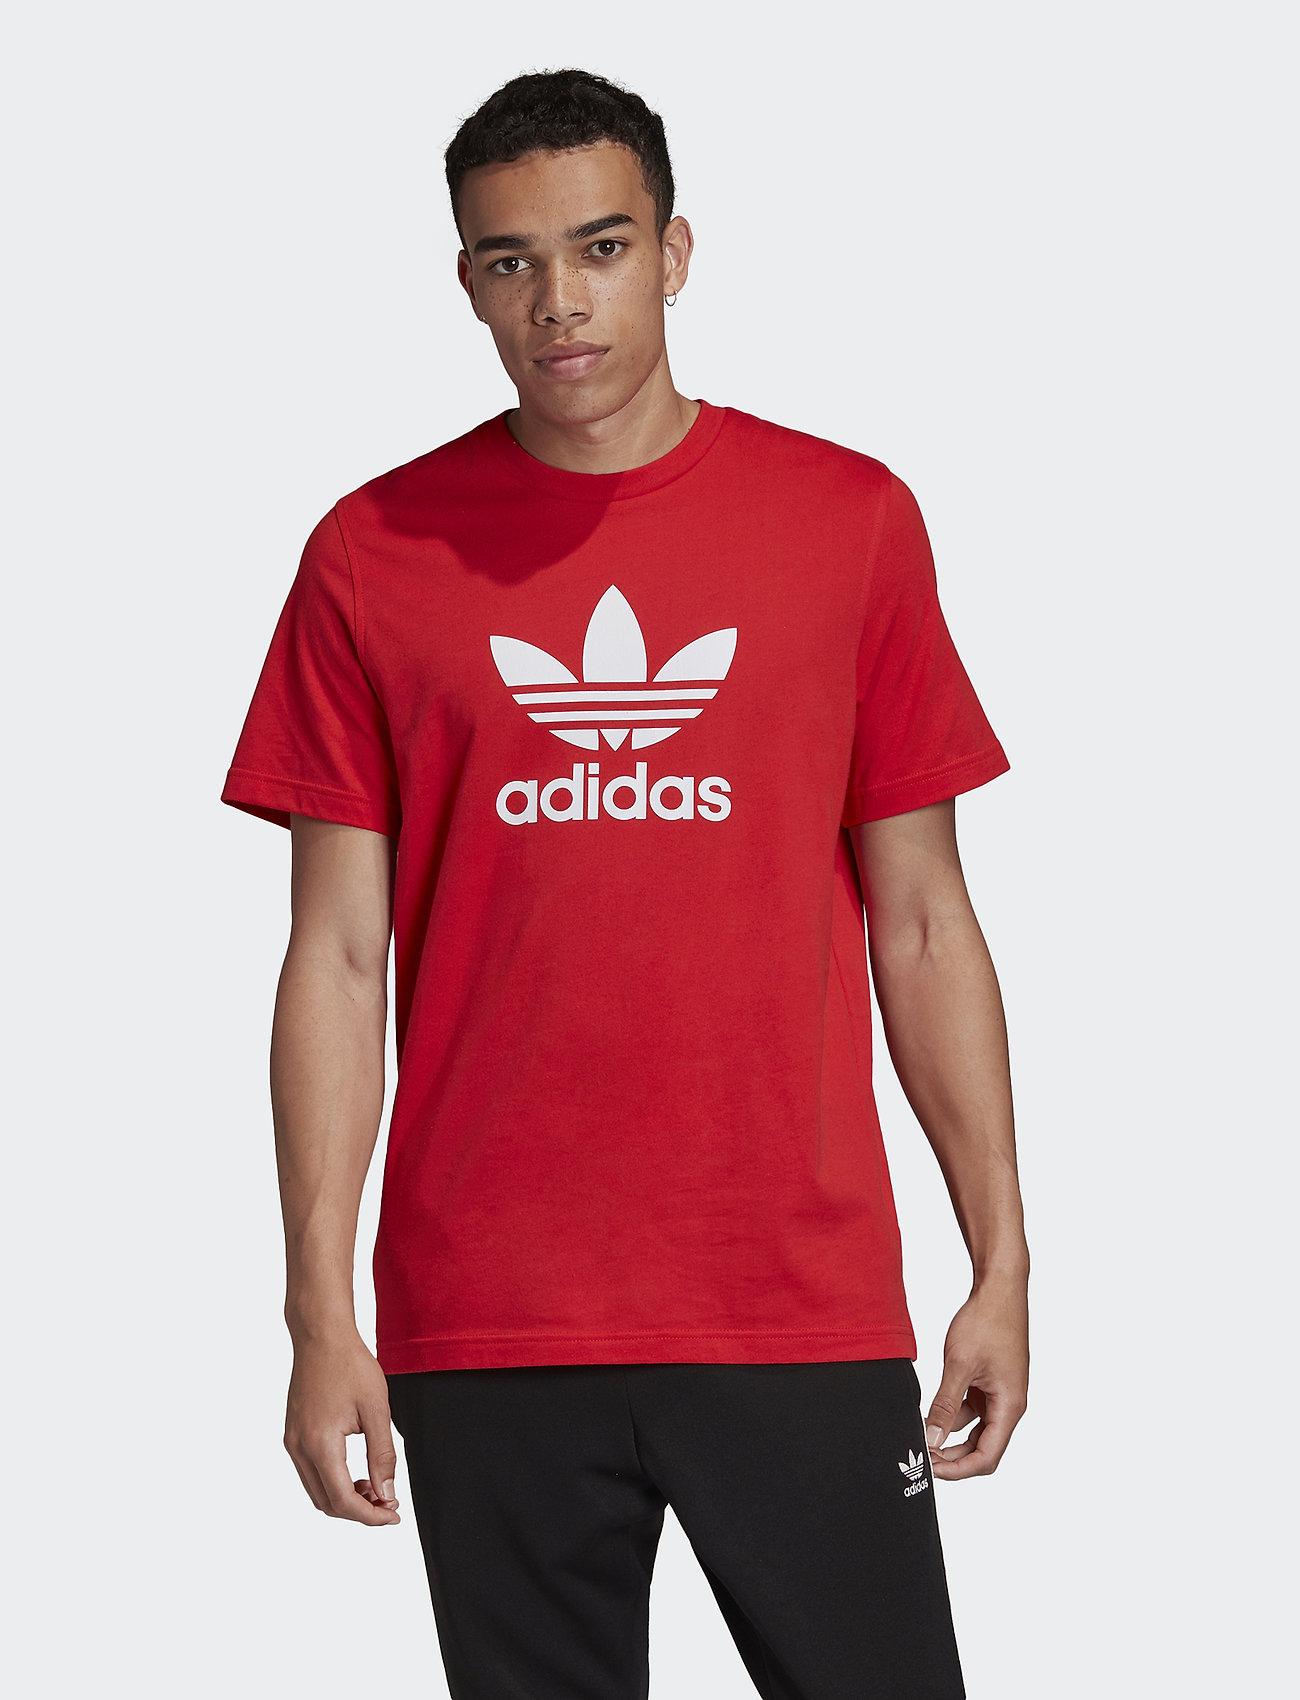 dos semanas conferencia Cenar  Trefoil T-shirt (Lusred) (18.71 €) - adidas Originals - | Boozt.com